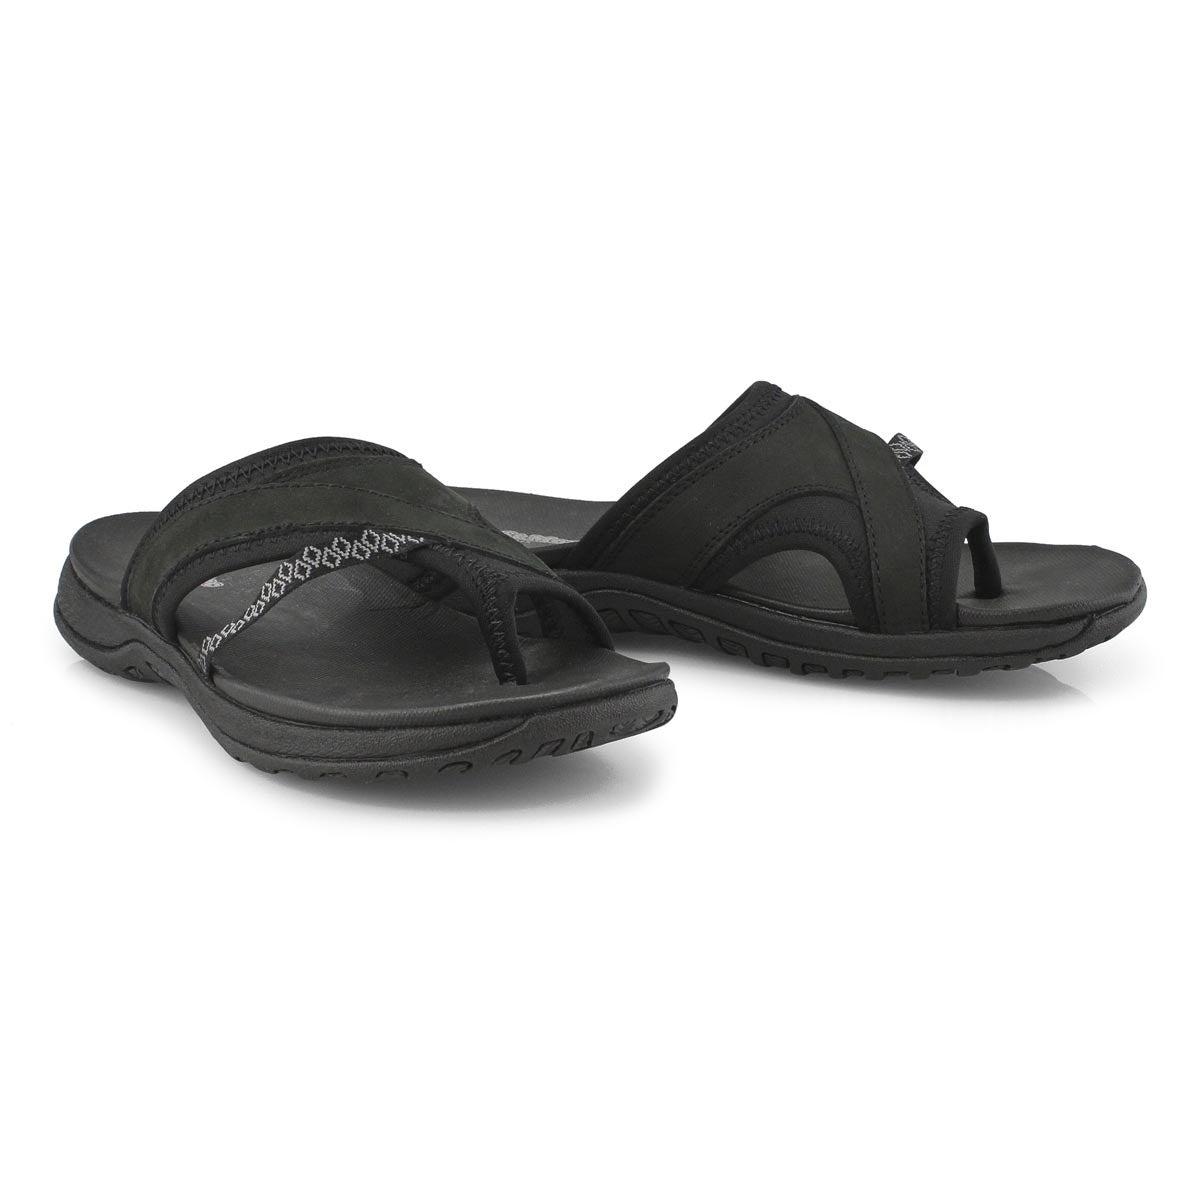 Lds Cynthia 2 black wrap sport sandal